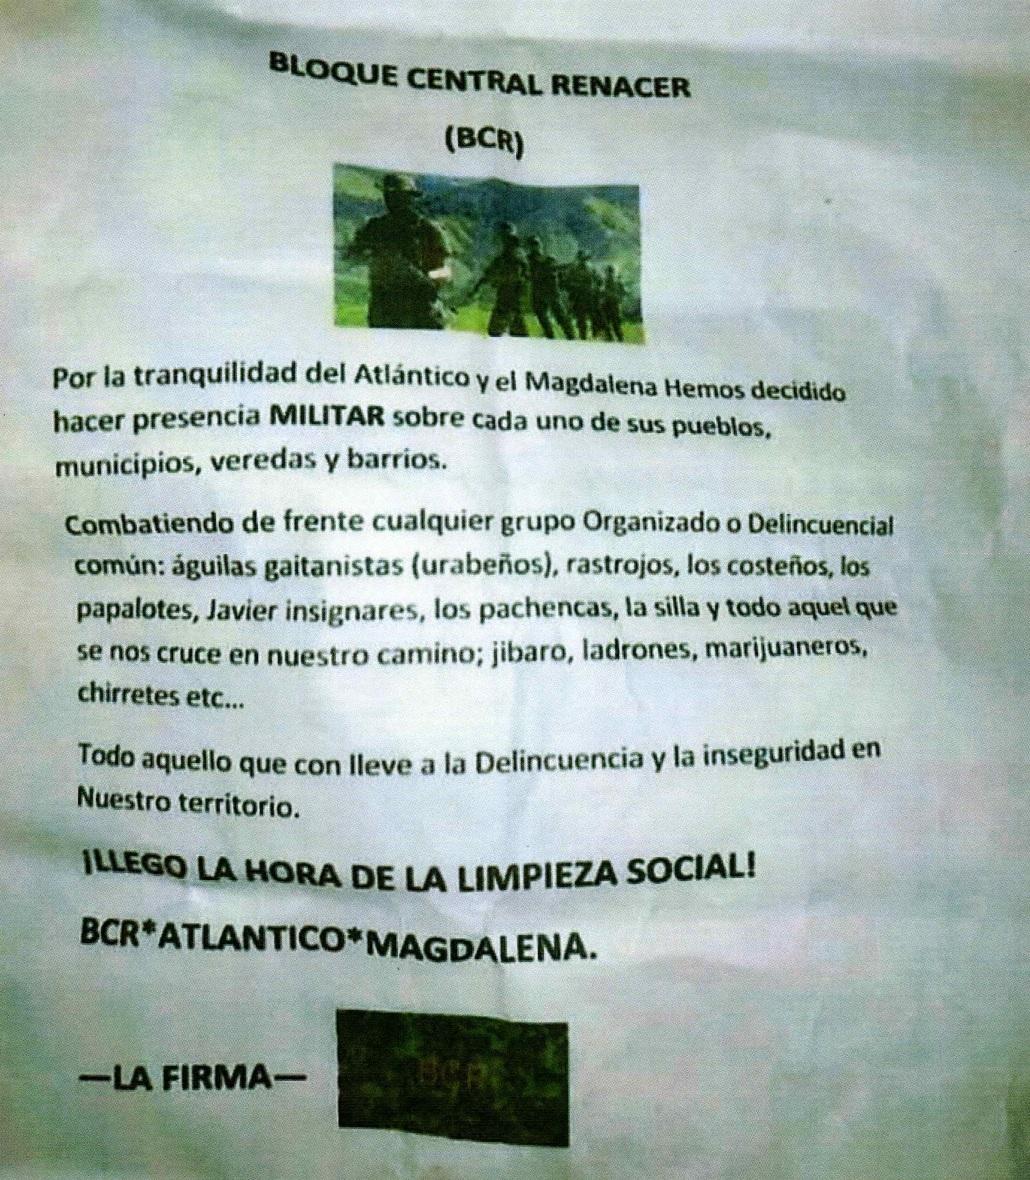 Este es el panfleto que circuló en marzo, en el que amenazan a los Pachencas, la Silla y otras organizaciones.